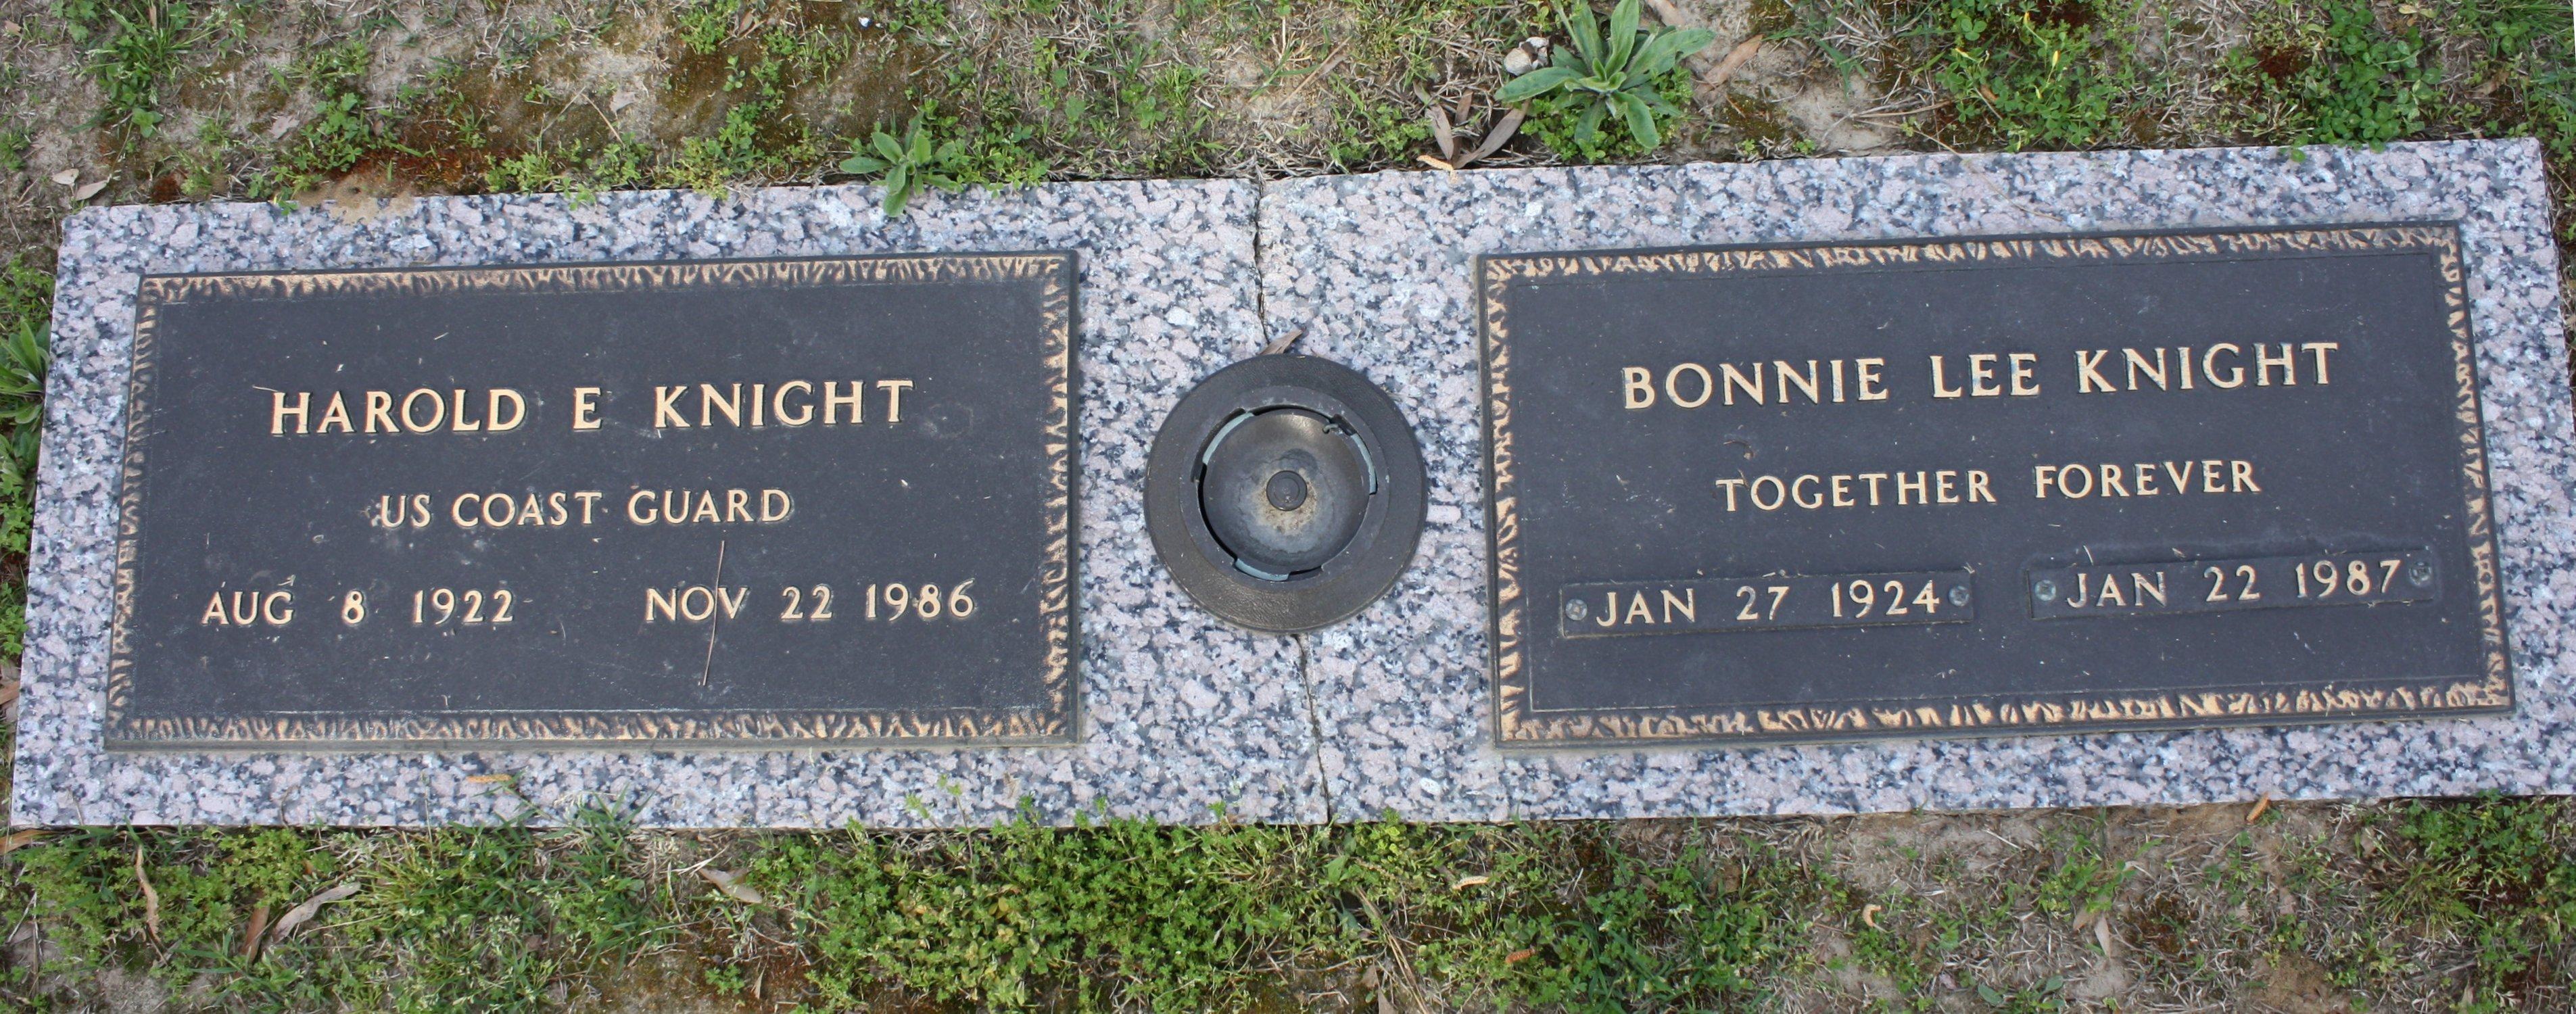 Bonnie Lee Knight